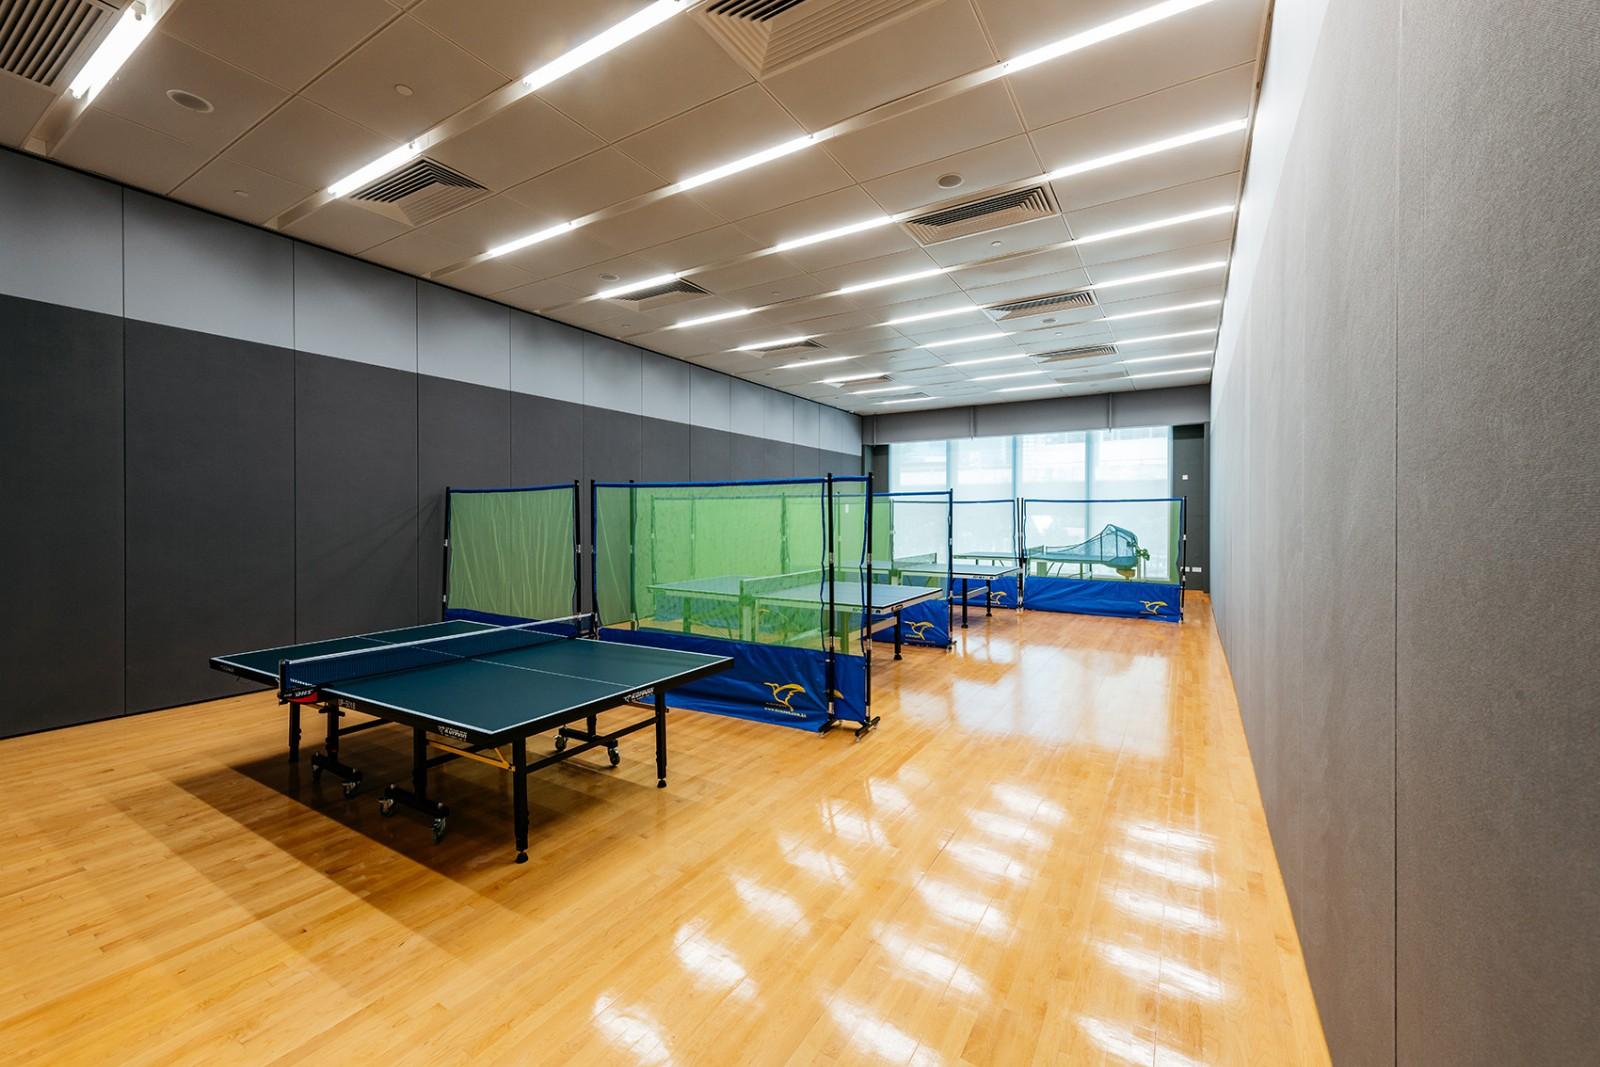 现代乒乓球馆每日首存送20